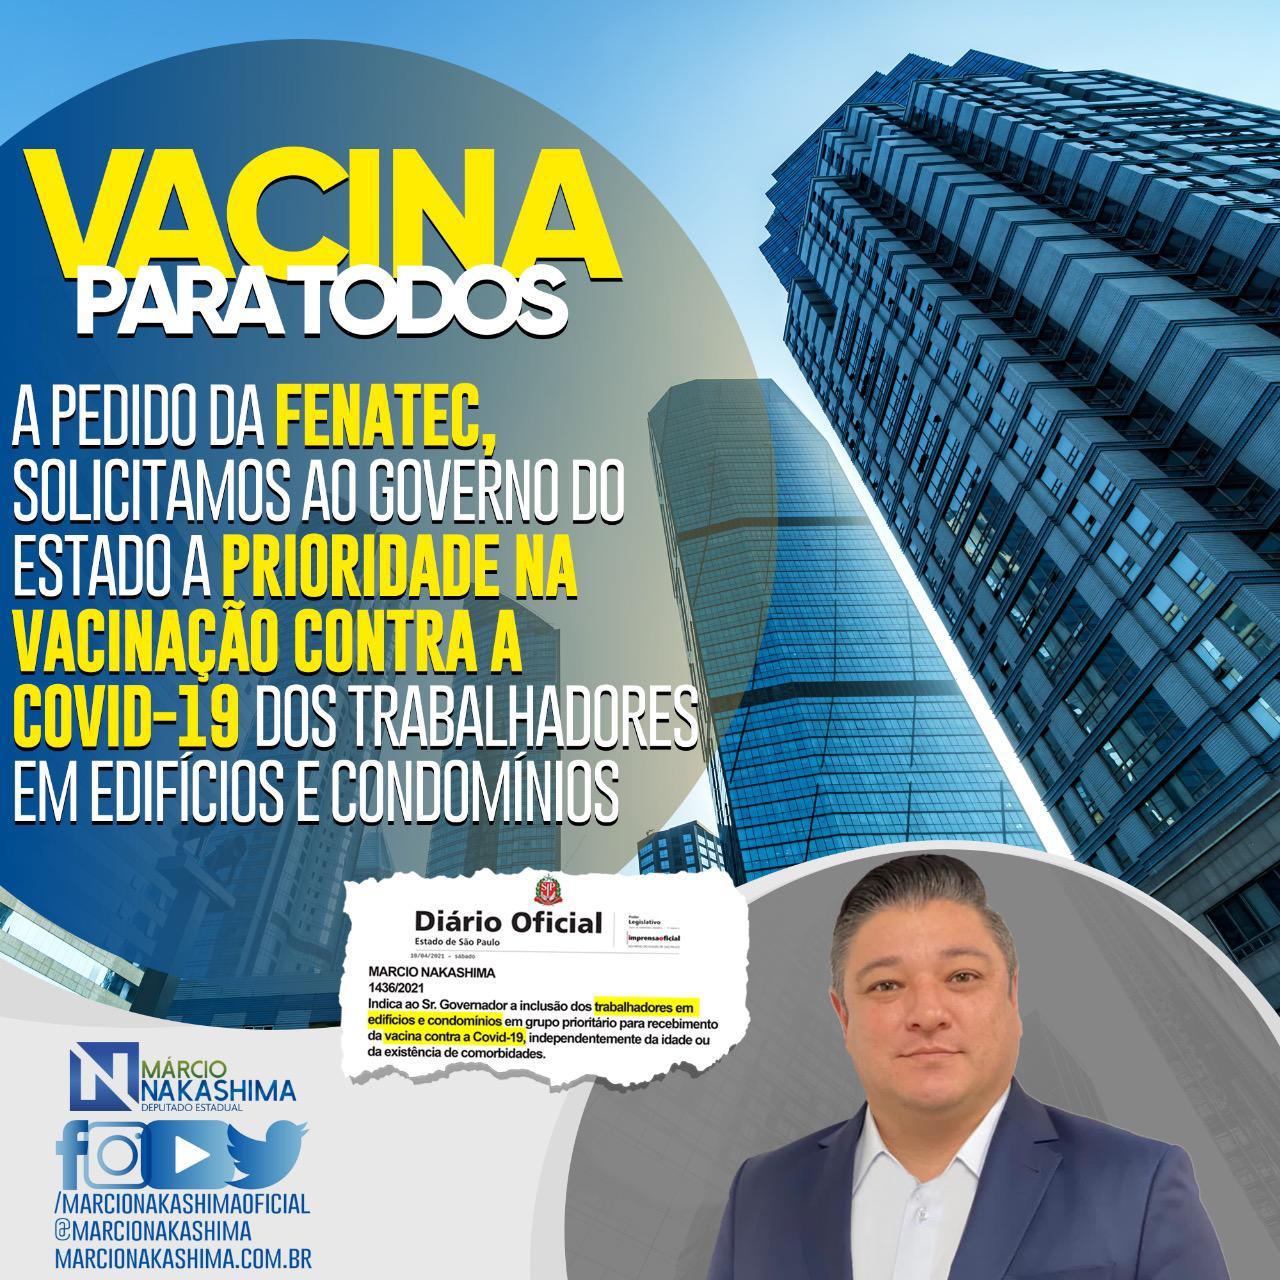 DEPUTADO LEVA PEDIDO DE VACINAÇÃO AO GOVERNADOR